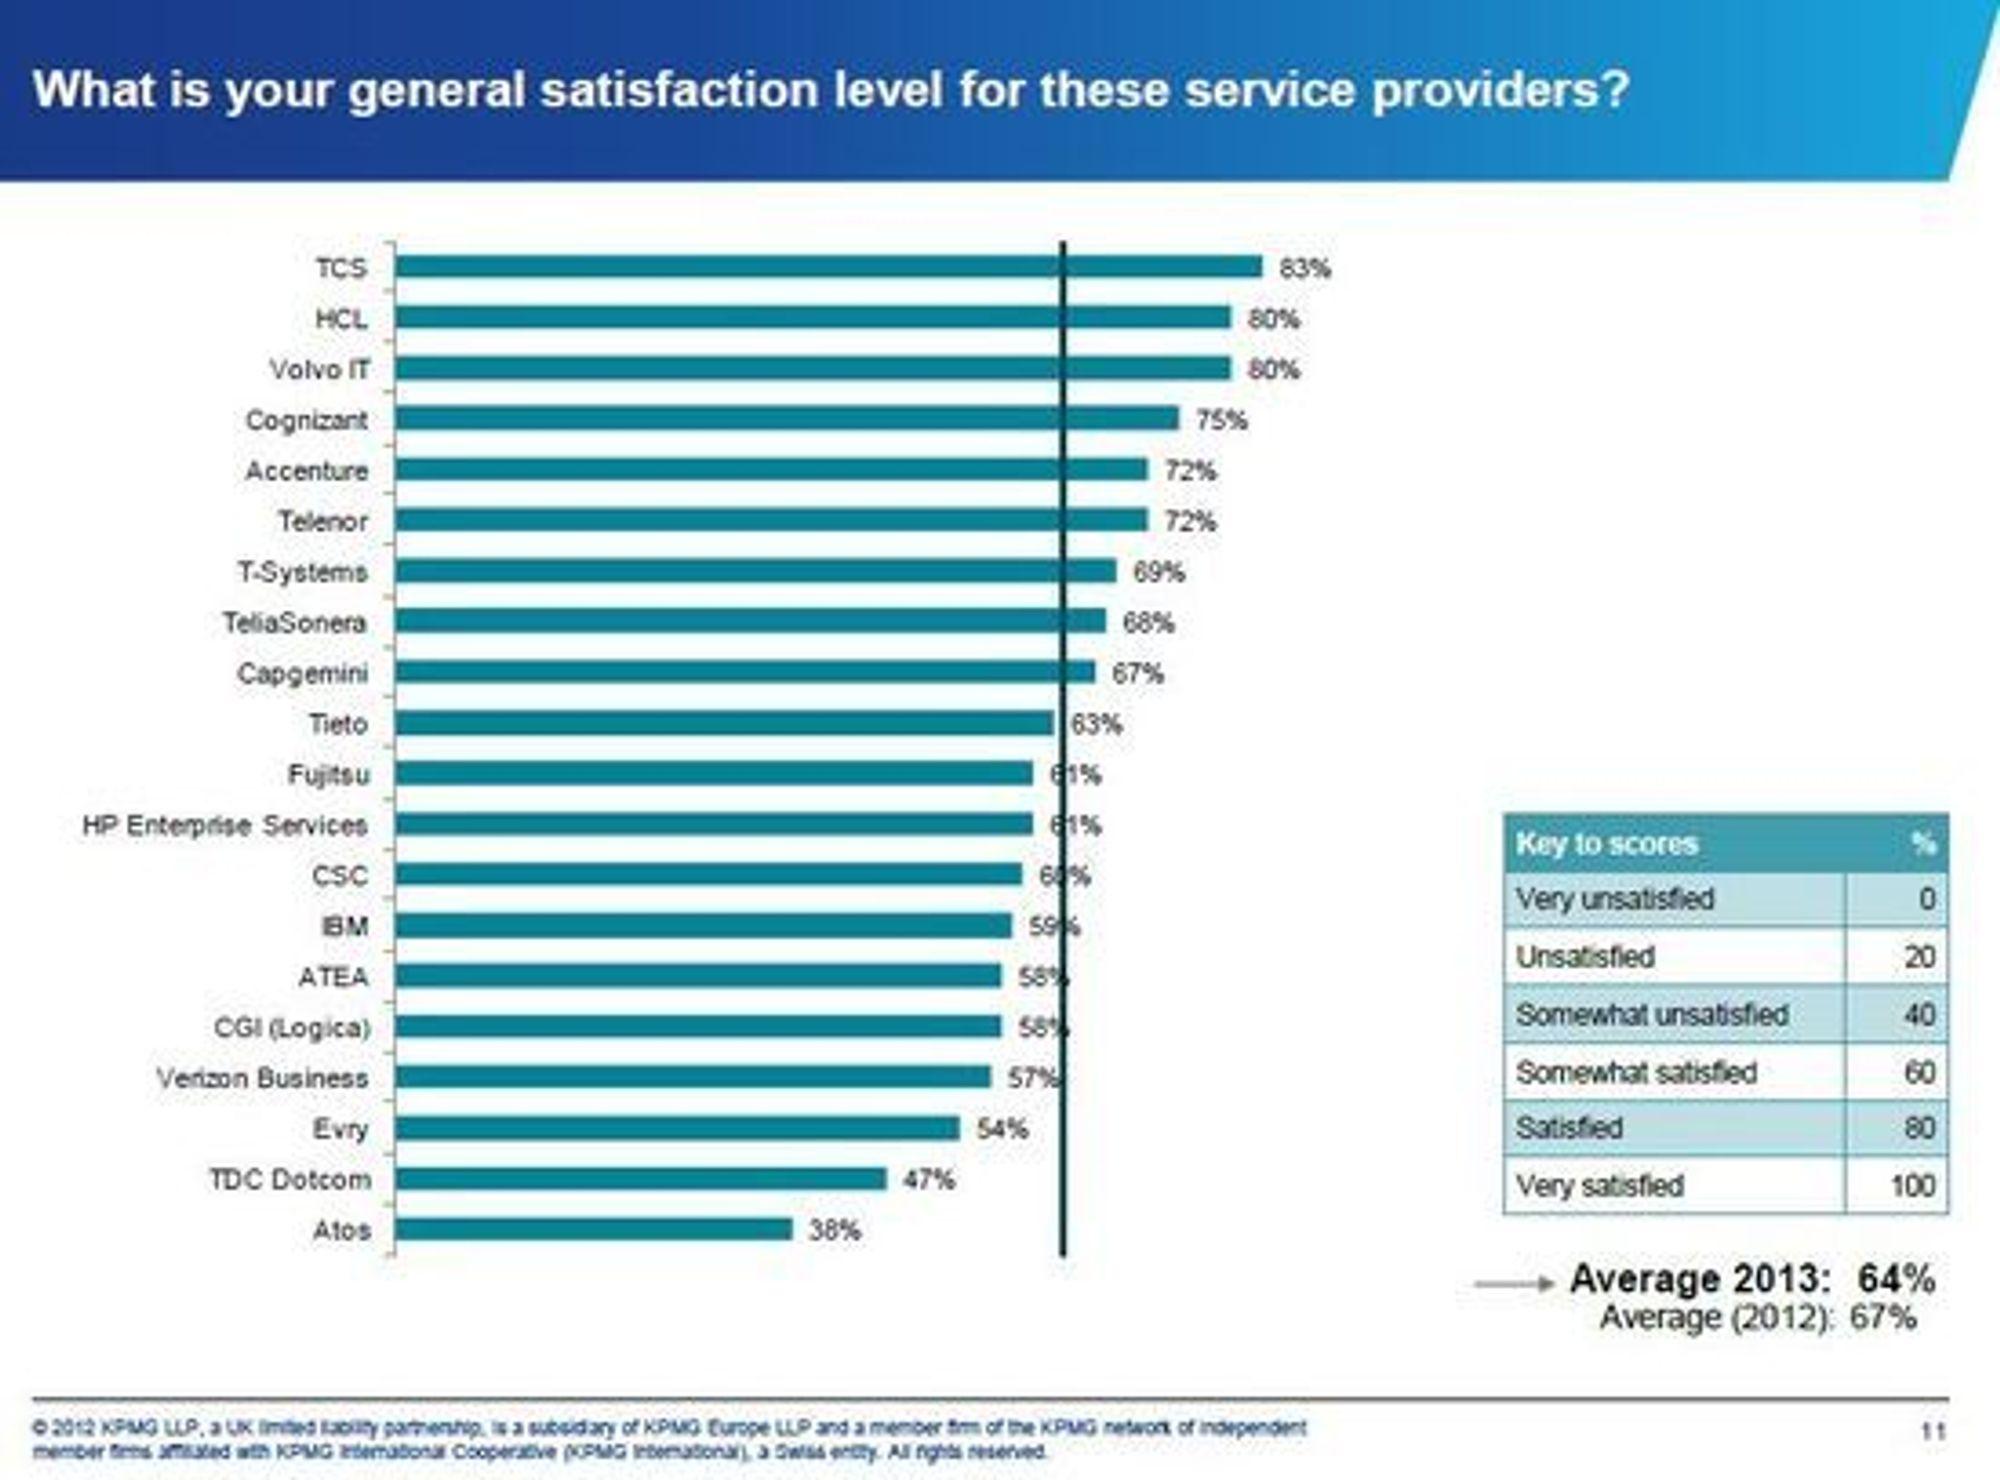 Toppsjiktet av IT-leverandører domineres av indiske aktører. Det viser KPMGs rapport om markedet for tjensteutsetting av IT.